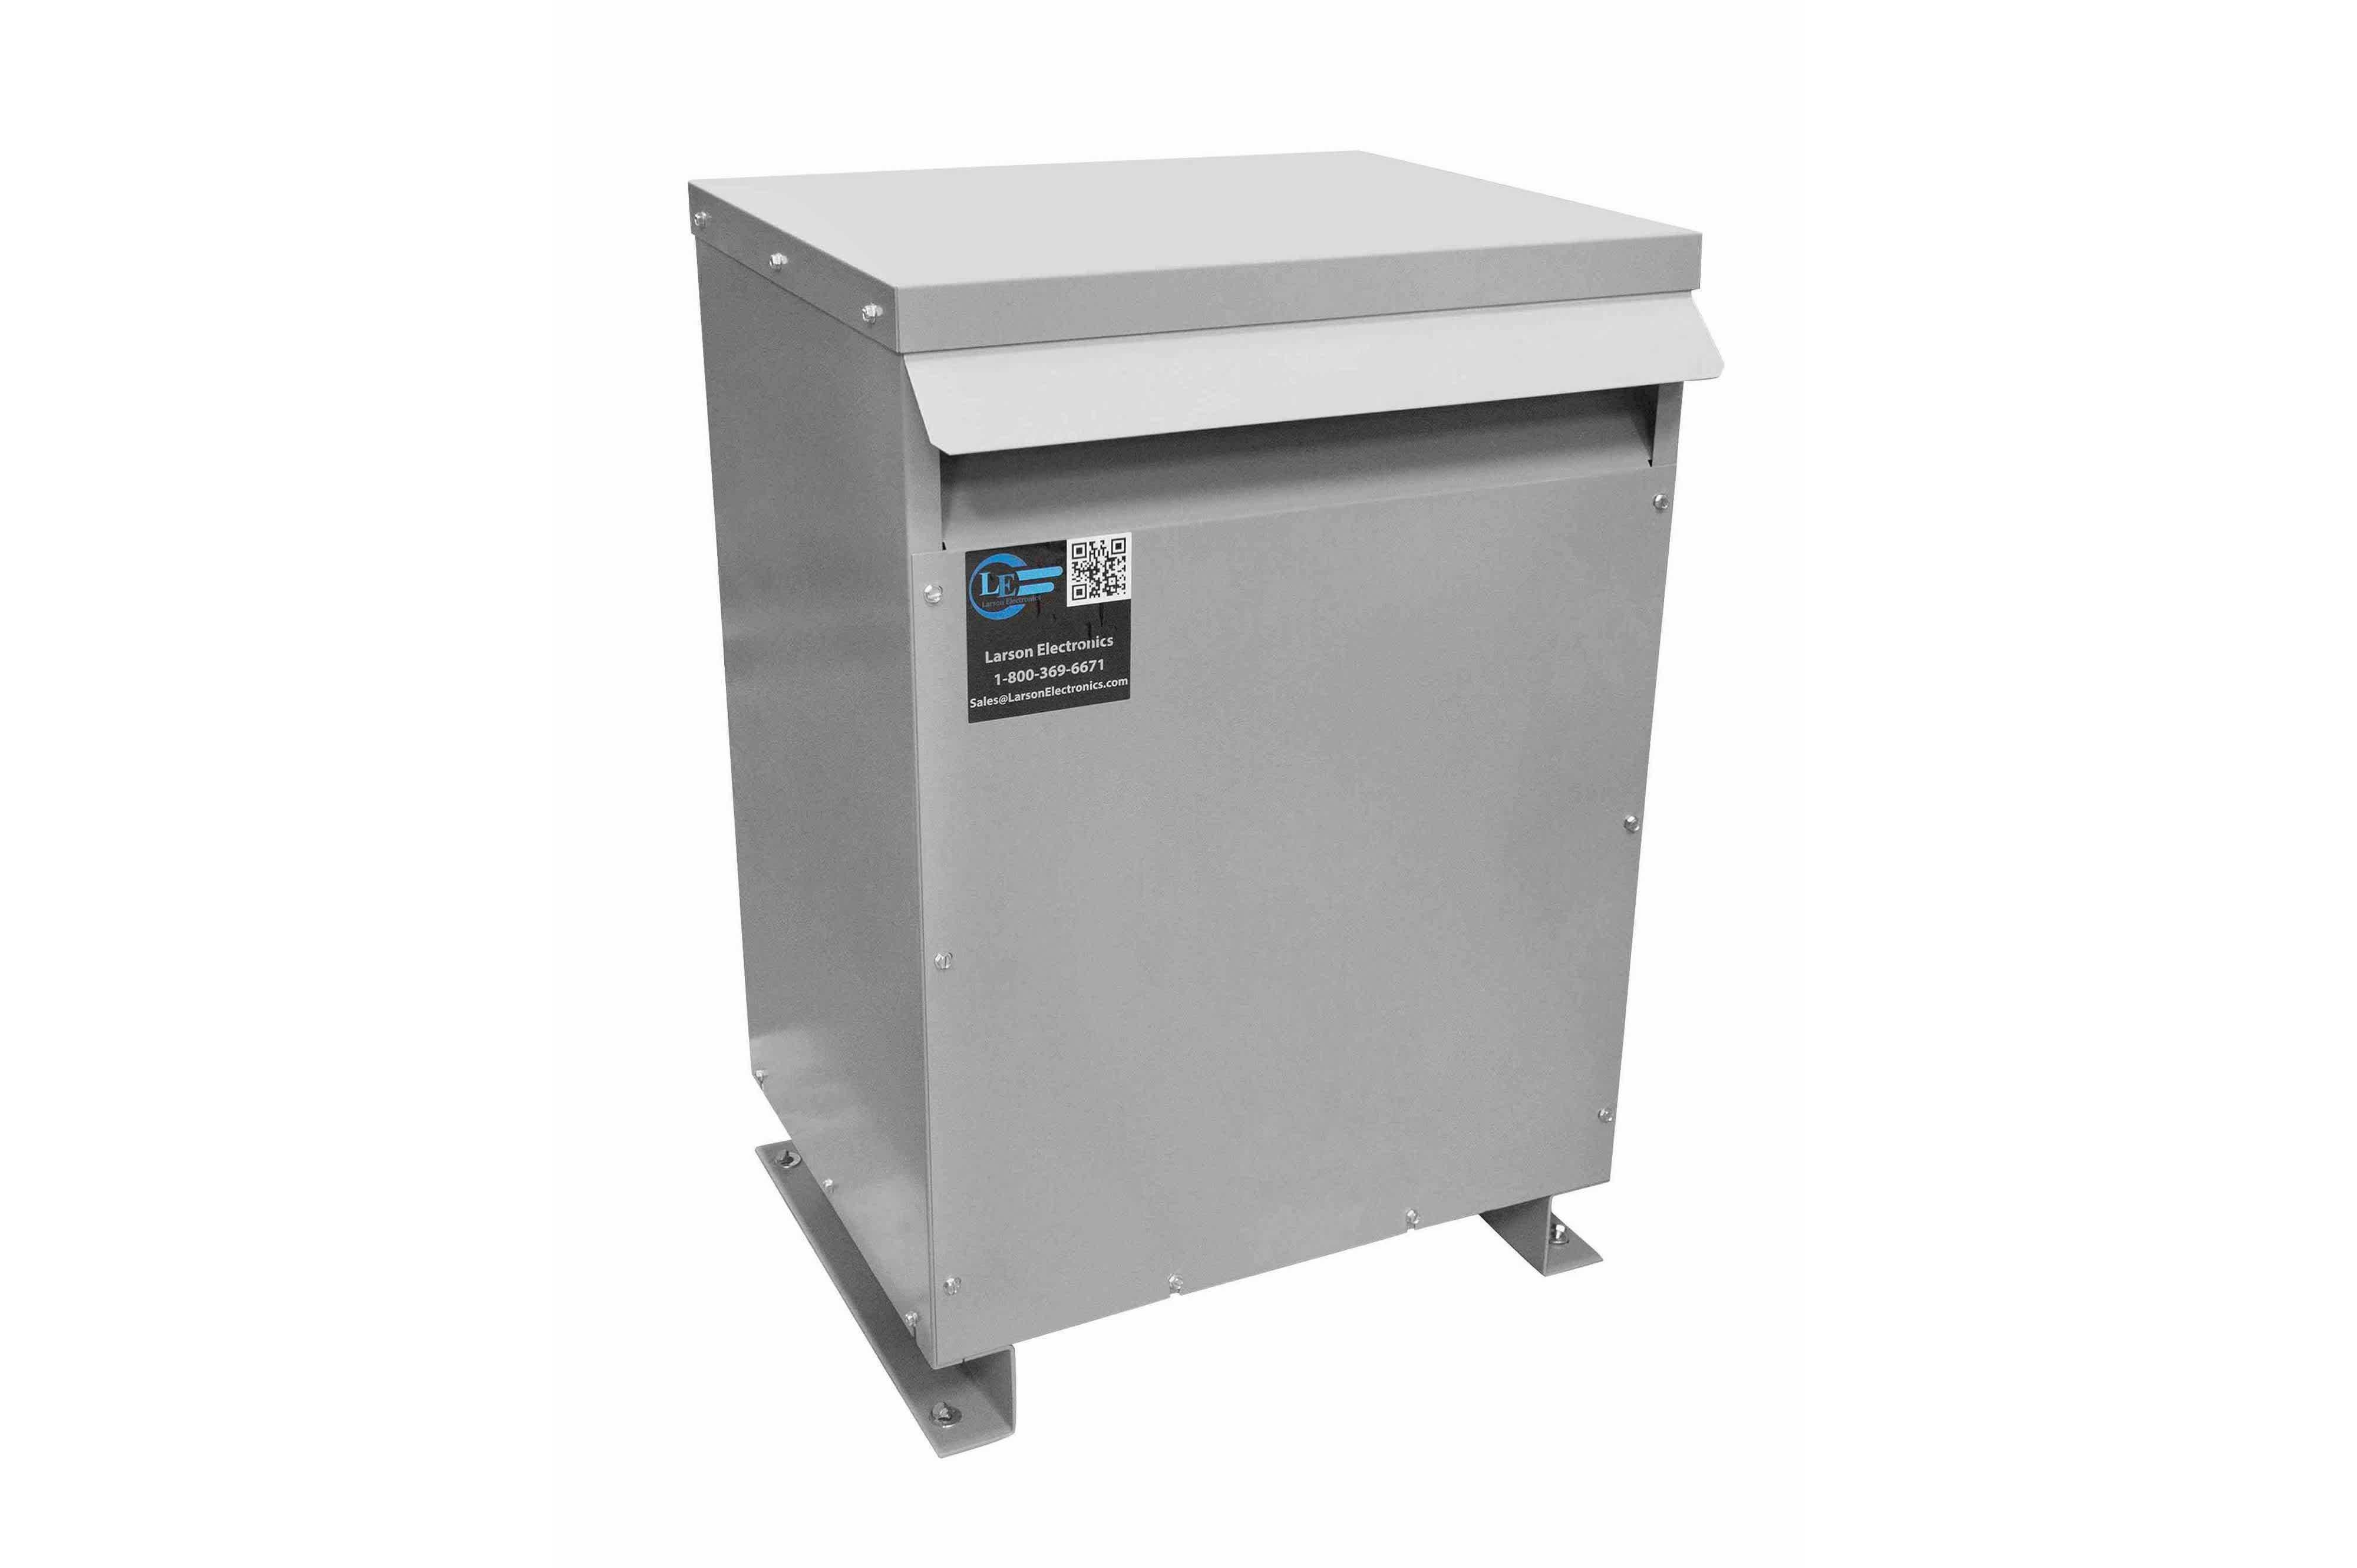 35 kVA 3PH Isolation Transformer, 380V Delta Primary, 240 Delta Secondary, N3R, Ventilated, 60 Hz